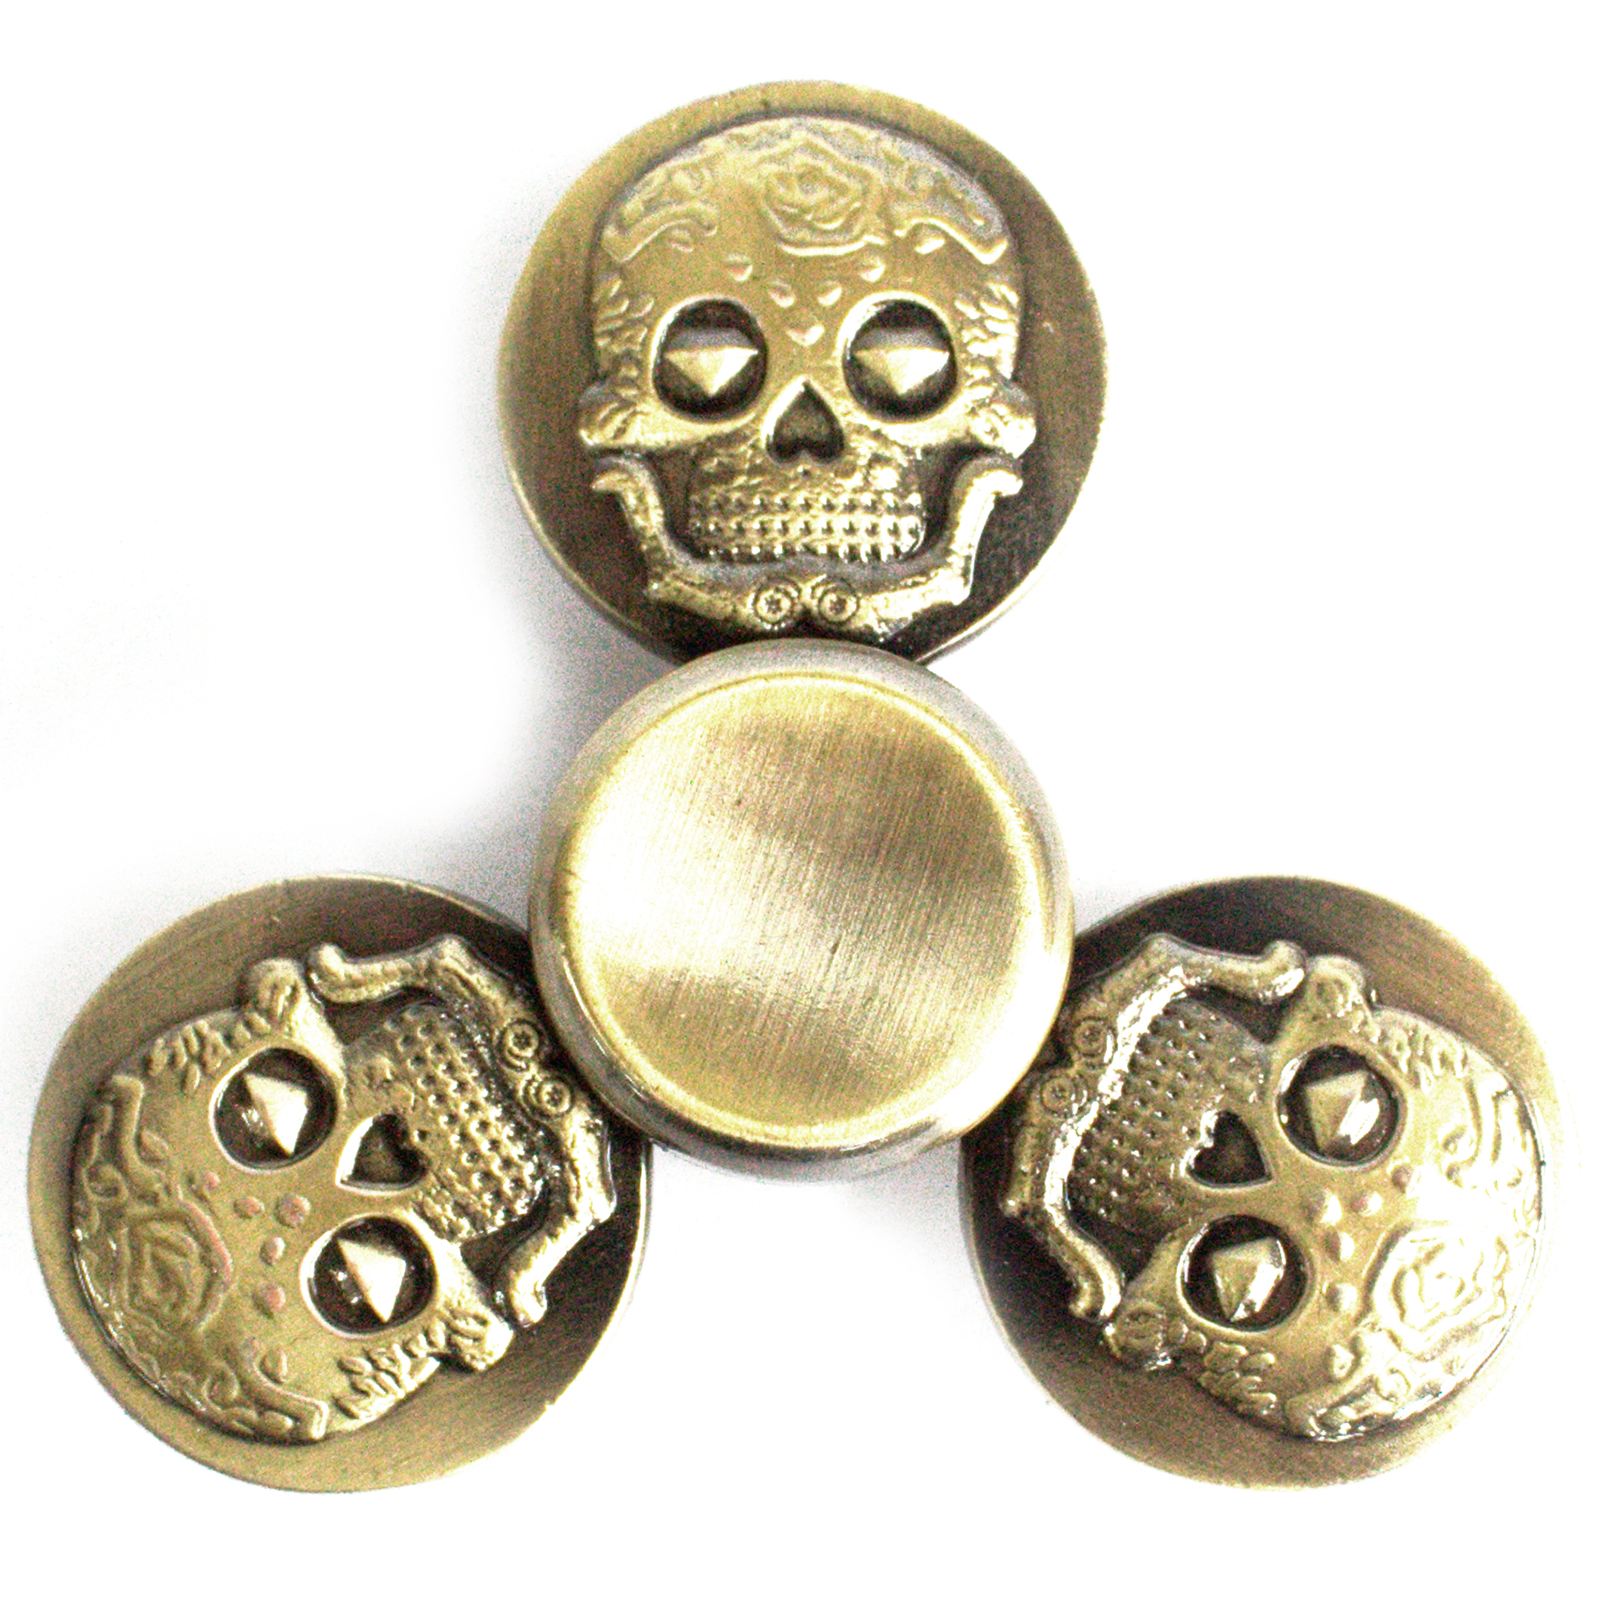 Metal Fidget Spinner - Thee Skulls - Bronze